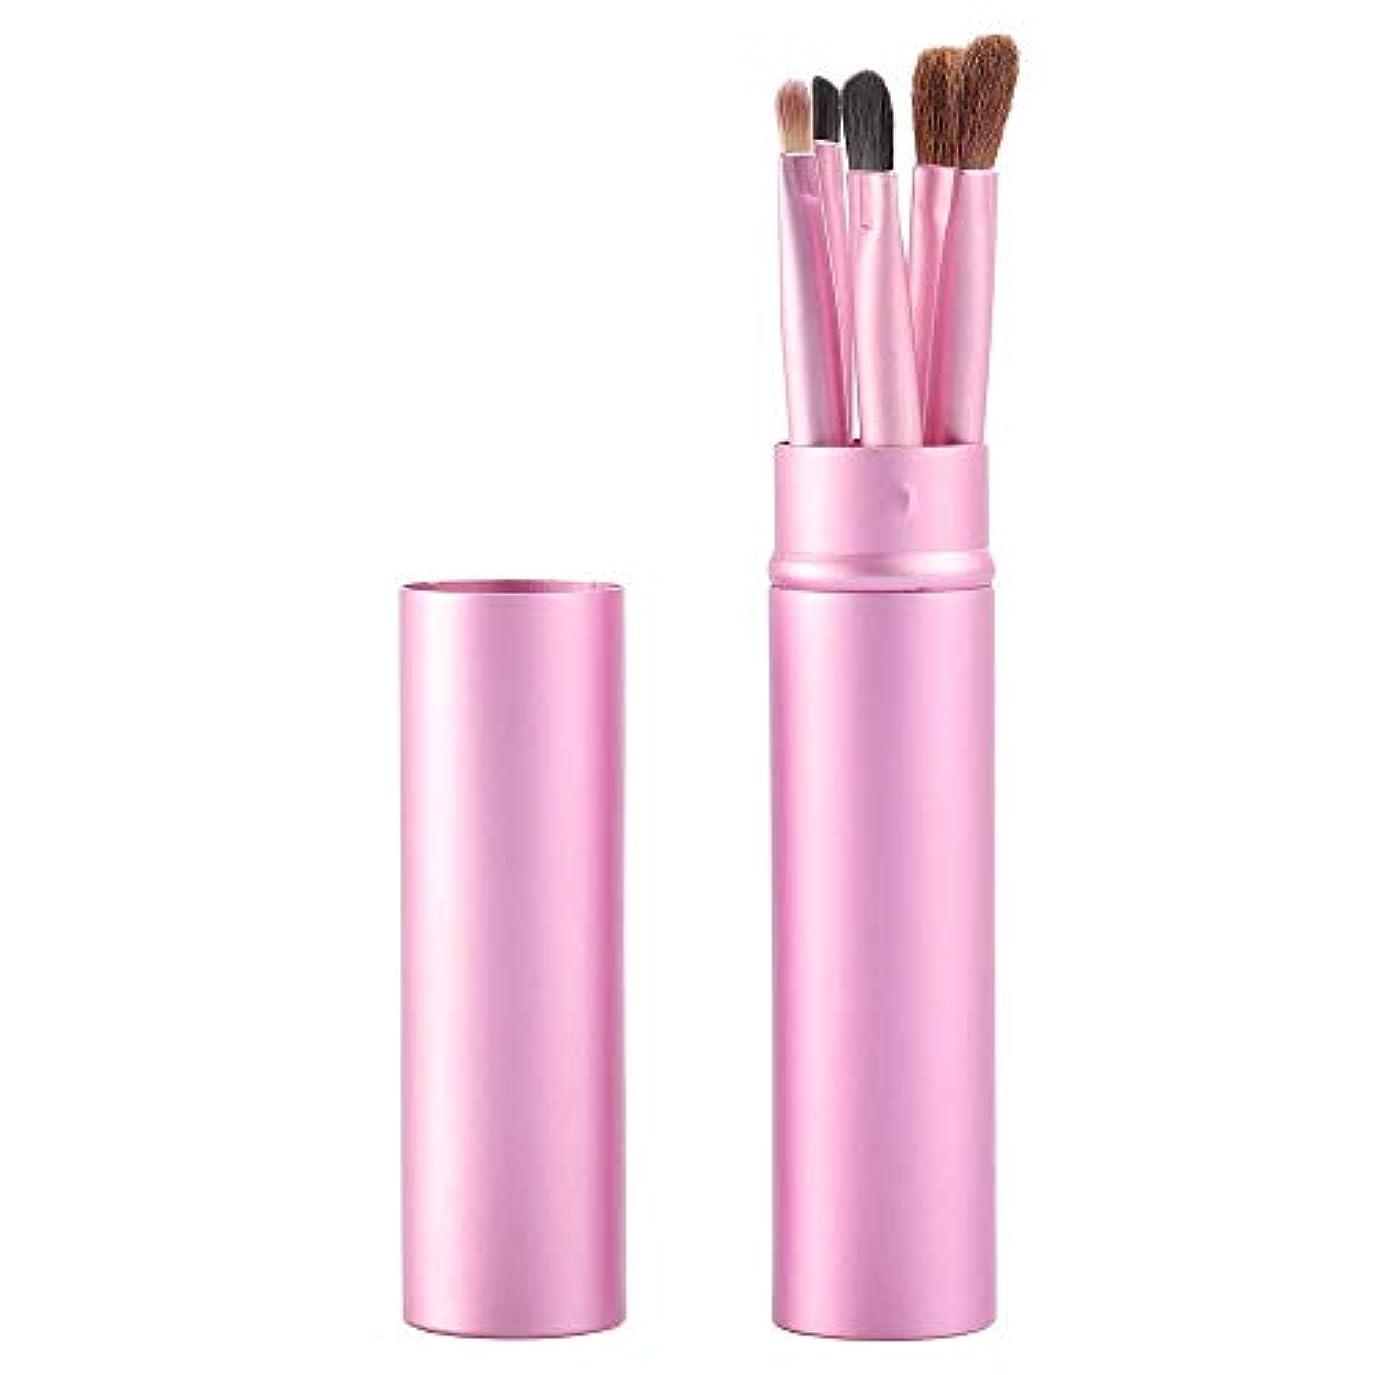 セント神話ボスMakeup brushes ピンク、アイメイクブラシセットブラシ5アイブラシ化粧ペン美容化粧道具で保護チューブ保護 suits (Color : Pink Blue)